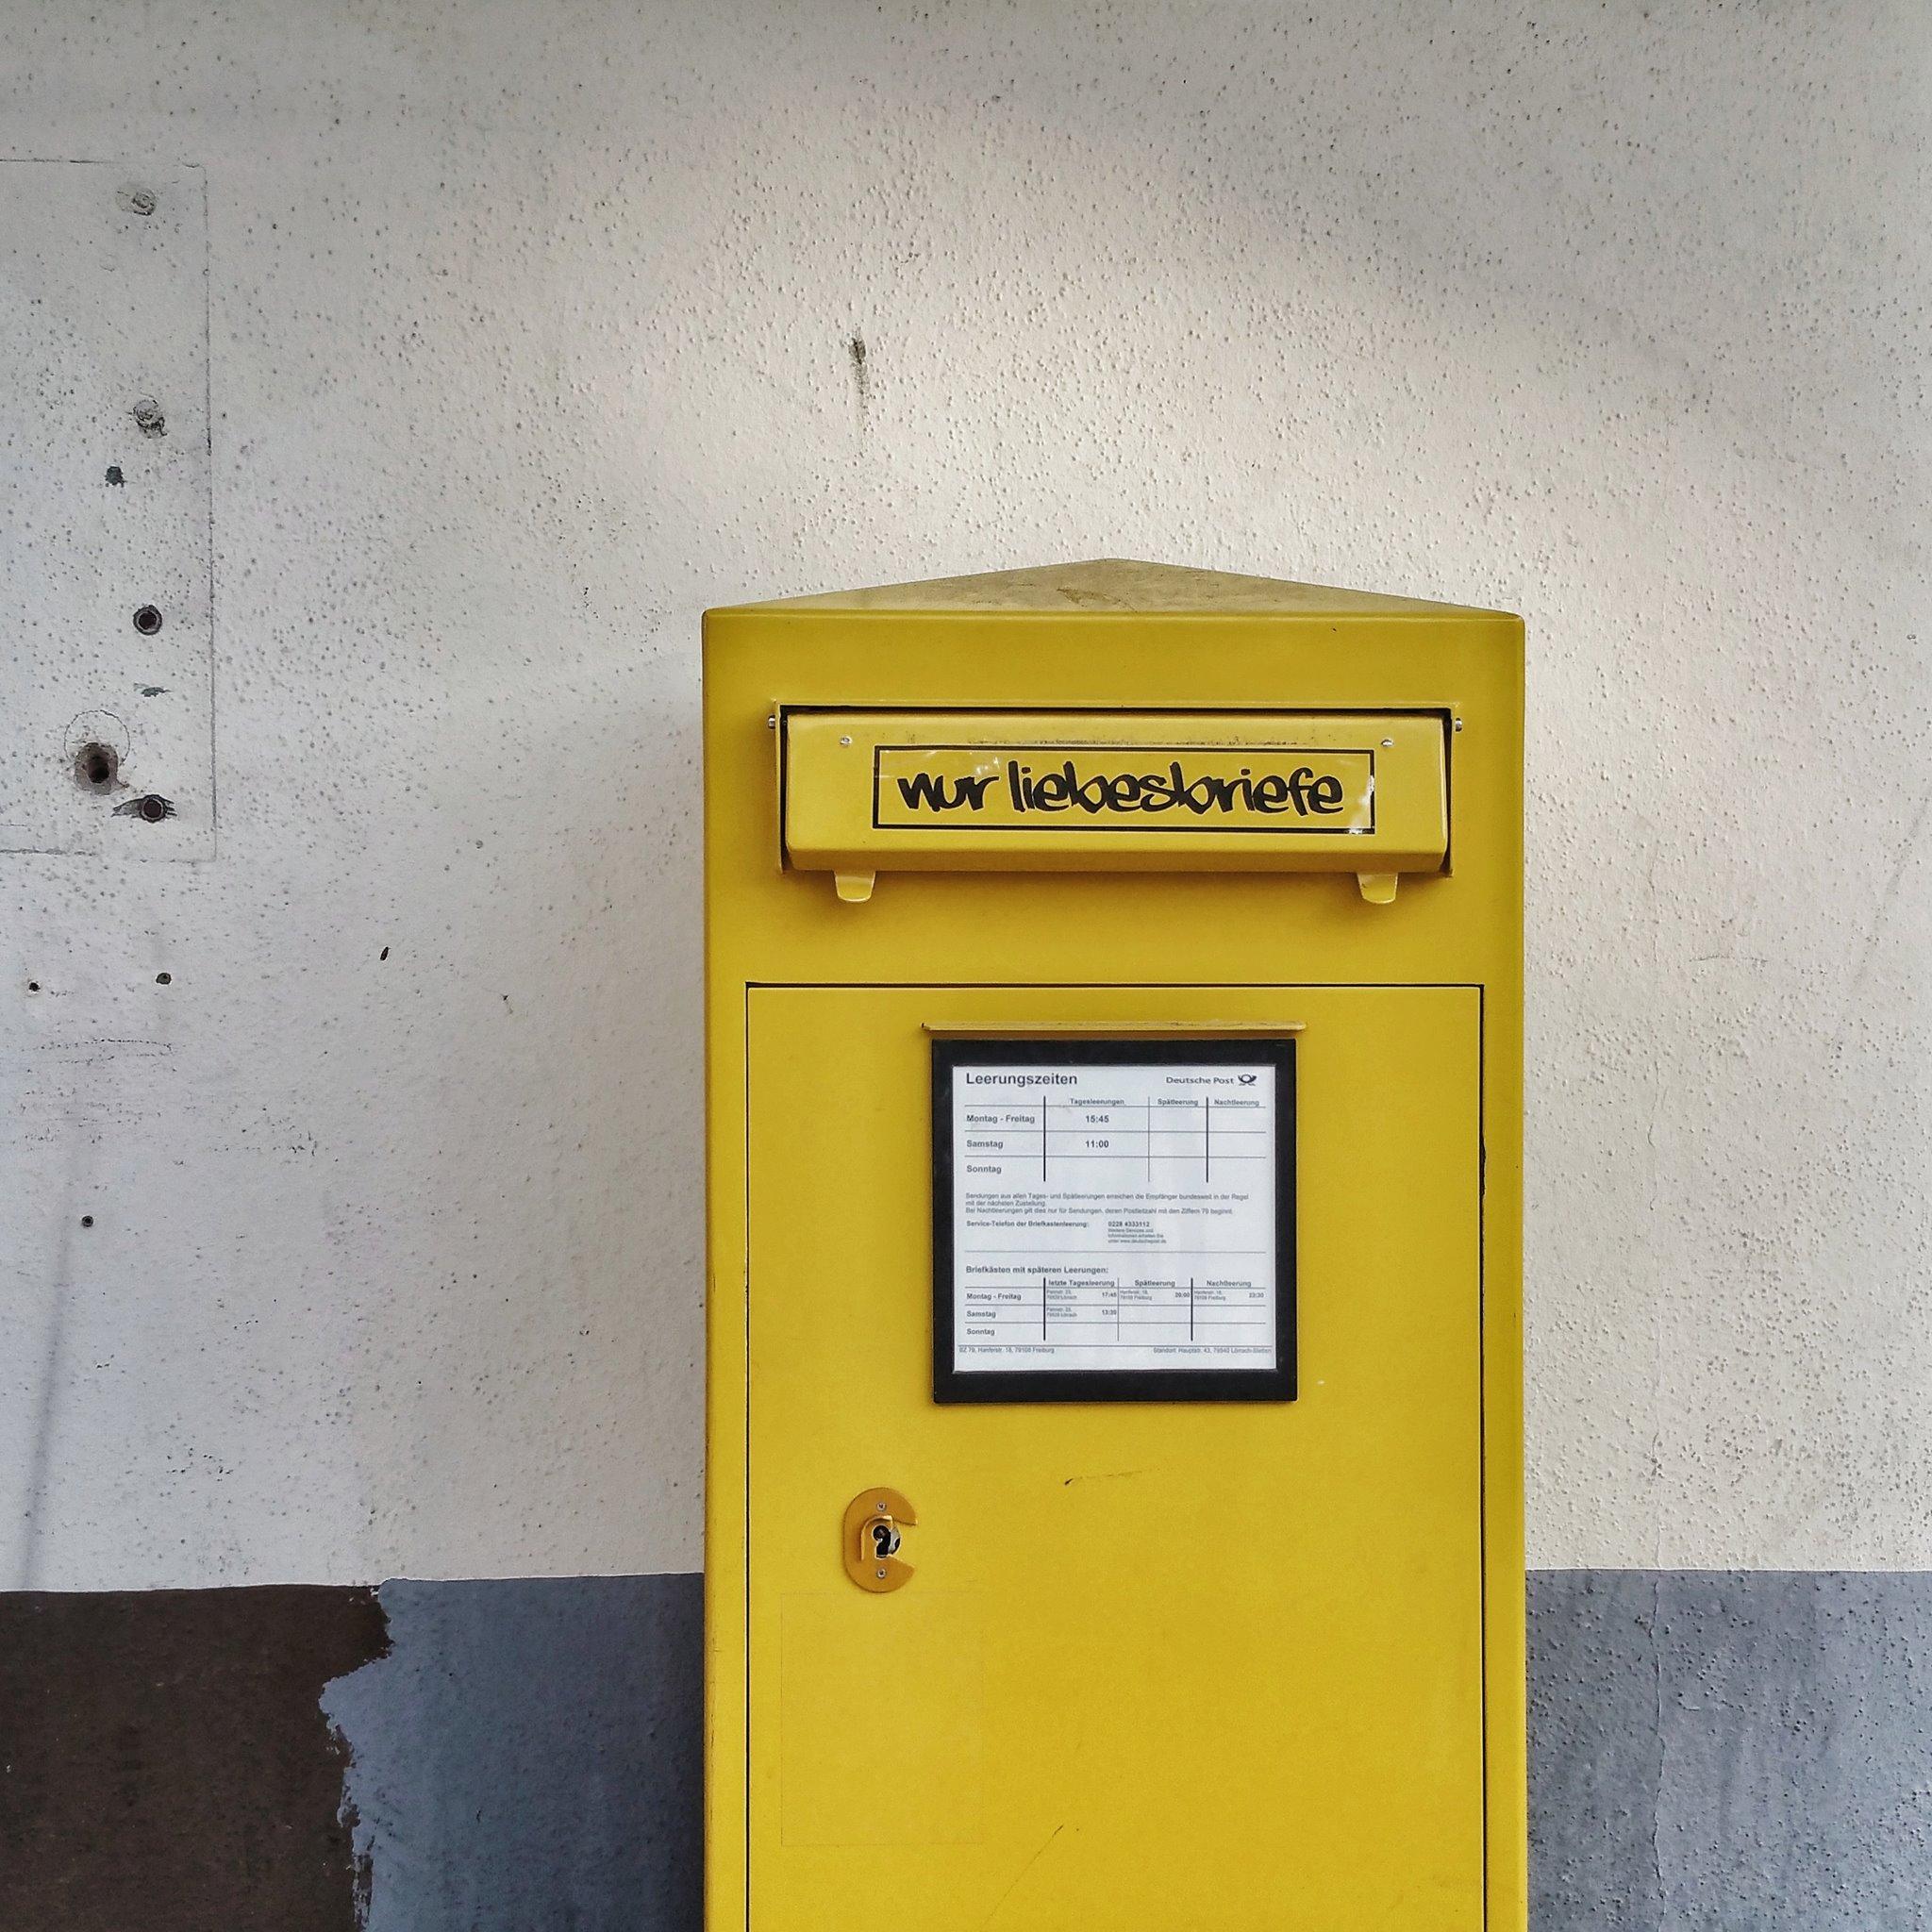 Briefkasten: Nur Liebesbriefe